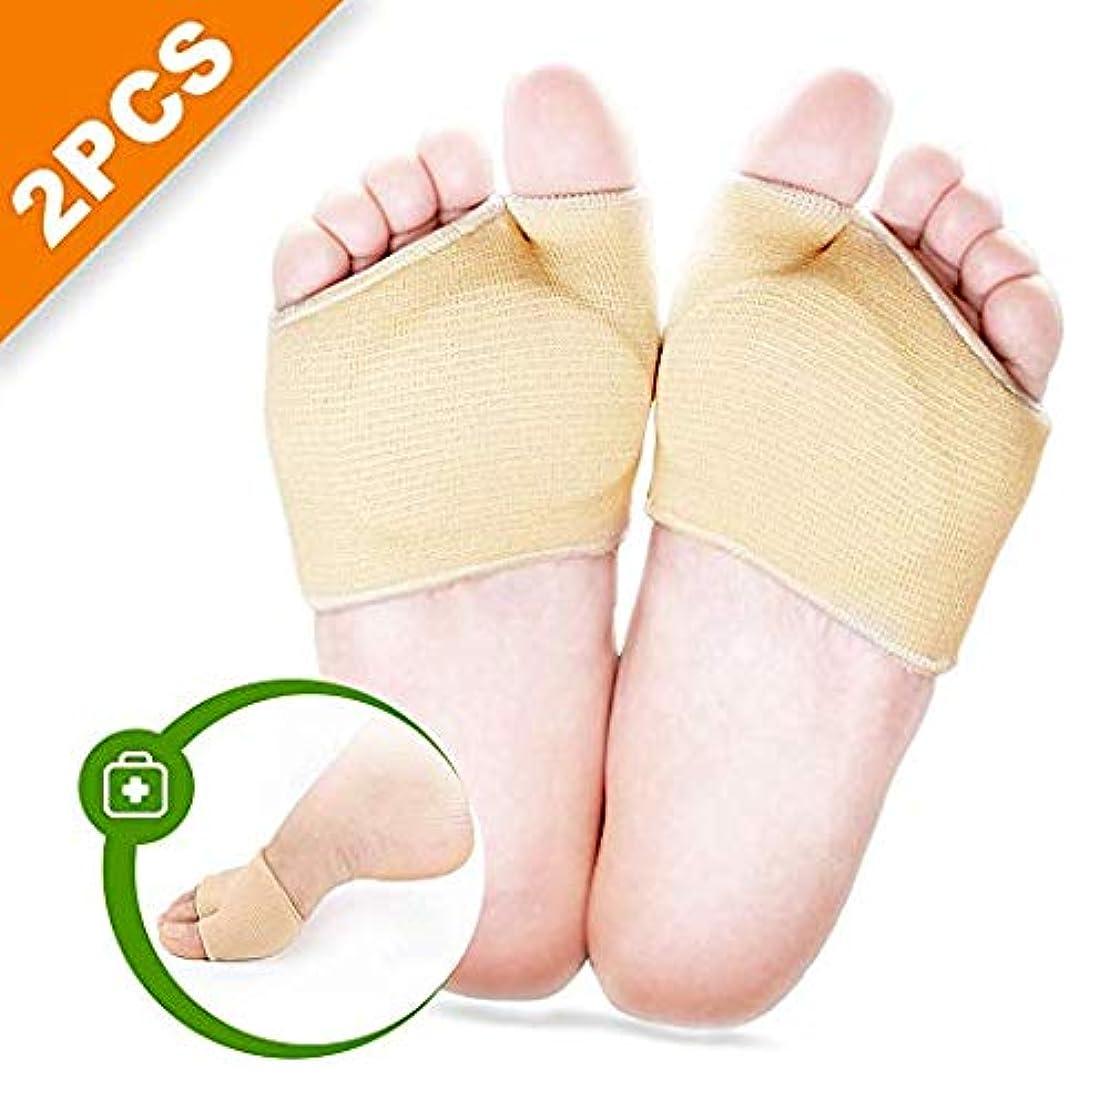 とは異なり上流のストライク女性+男性用の銅圧縮中足パッド。 神経腫、中足骨嚢炎カルス用の最高の銅製フットパッドボールジェルクッションを保証。